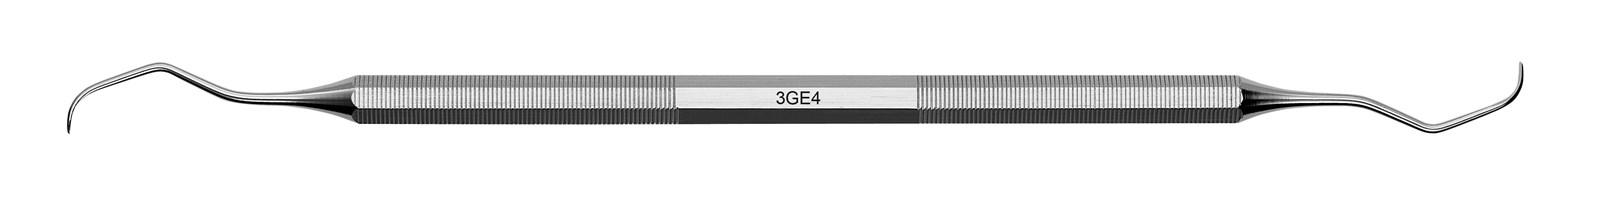 Kyreta Gracey Classic - 3GE4, ADEP silikonový návlek světle zelený